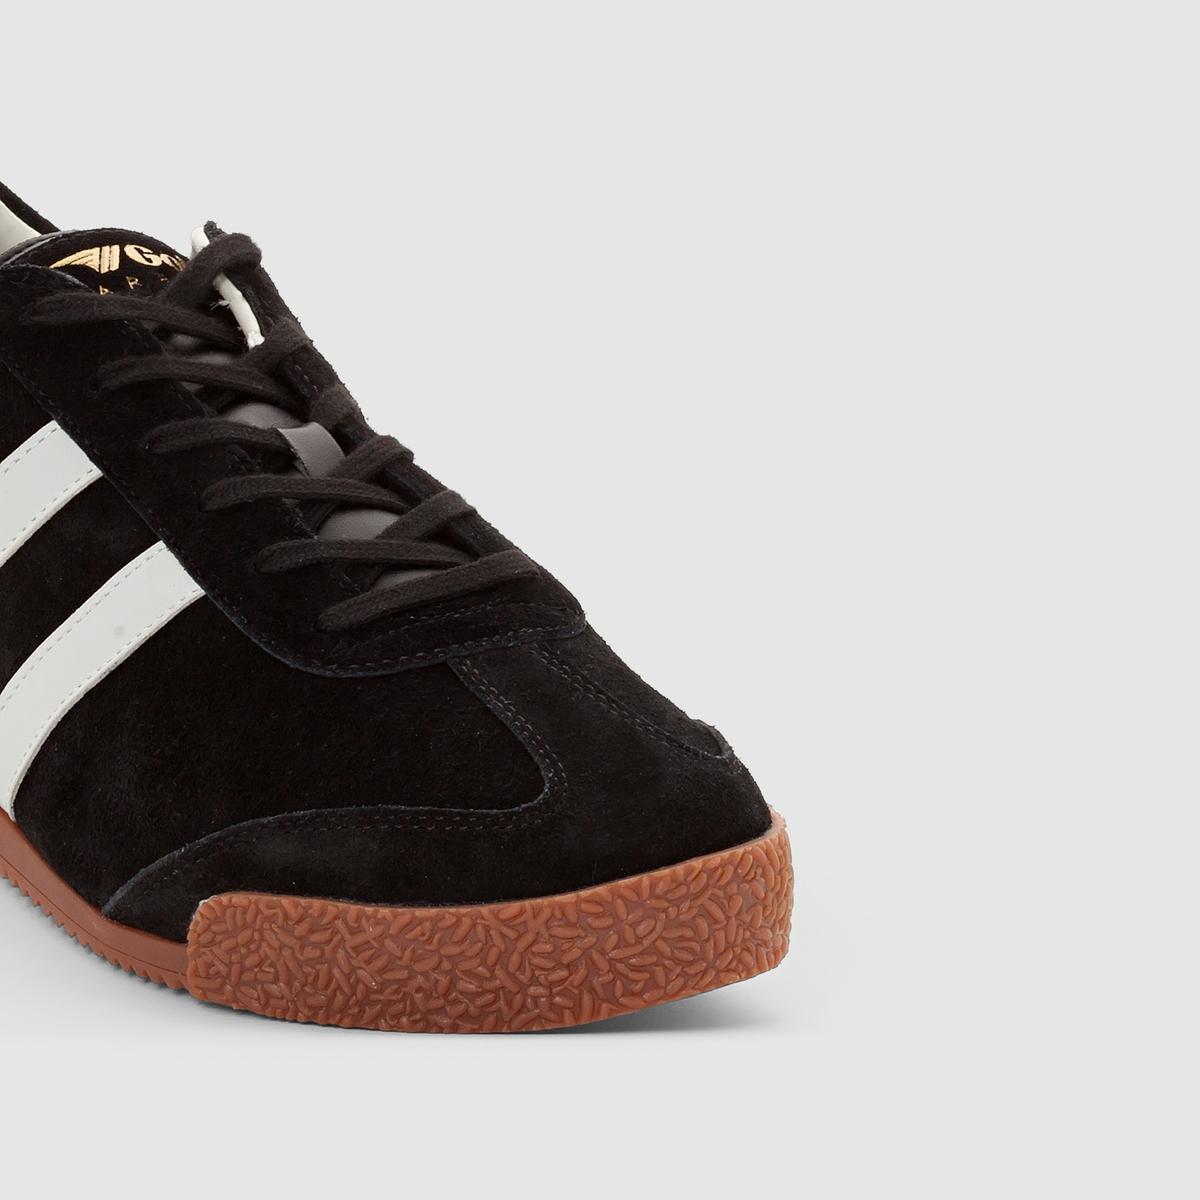 Кеды Harrier SuedeКеды низкие из кожи на шнуровке, модель HARRIER SUEDE от GOLA.Верх : яловичная кожаПодкладка : текстильСтелька : текстильПодошва : каучук.Застежка : шнуровкаПопулярная во всем мире марка Gola отметила свой 100-й юбилей и продолжает радовать нас модной, яркой, стильной и комфортной городской обувью ! Дизайн прямиком из 1968 г., кожаный верх и комфорт повседневной носки, - модель Harrier добавит нотку винтажности Вашему модному образу.<br><br>Цвет: черный/серый<br>Размер: 44.45